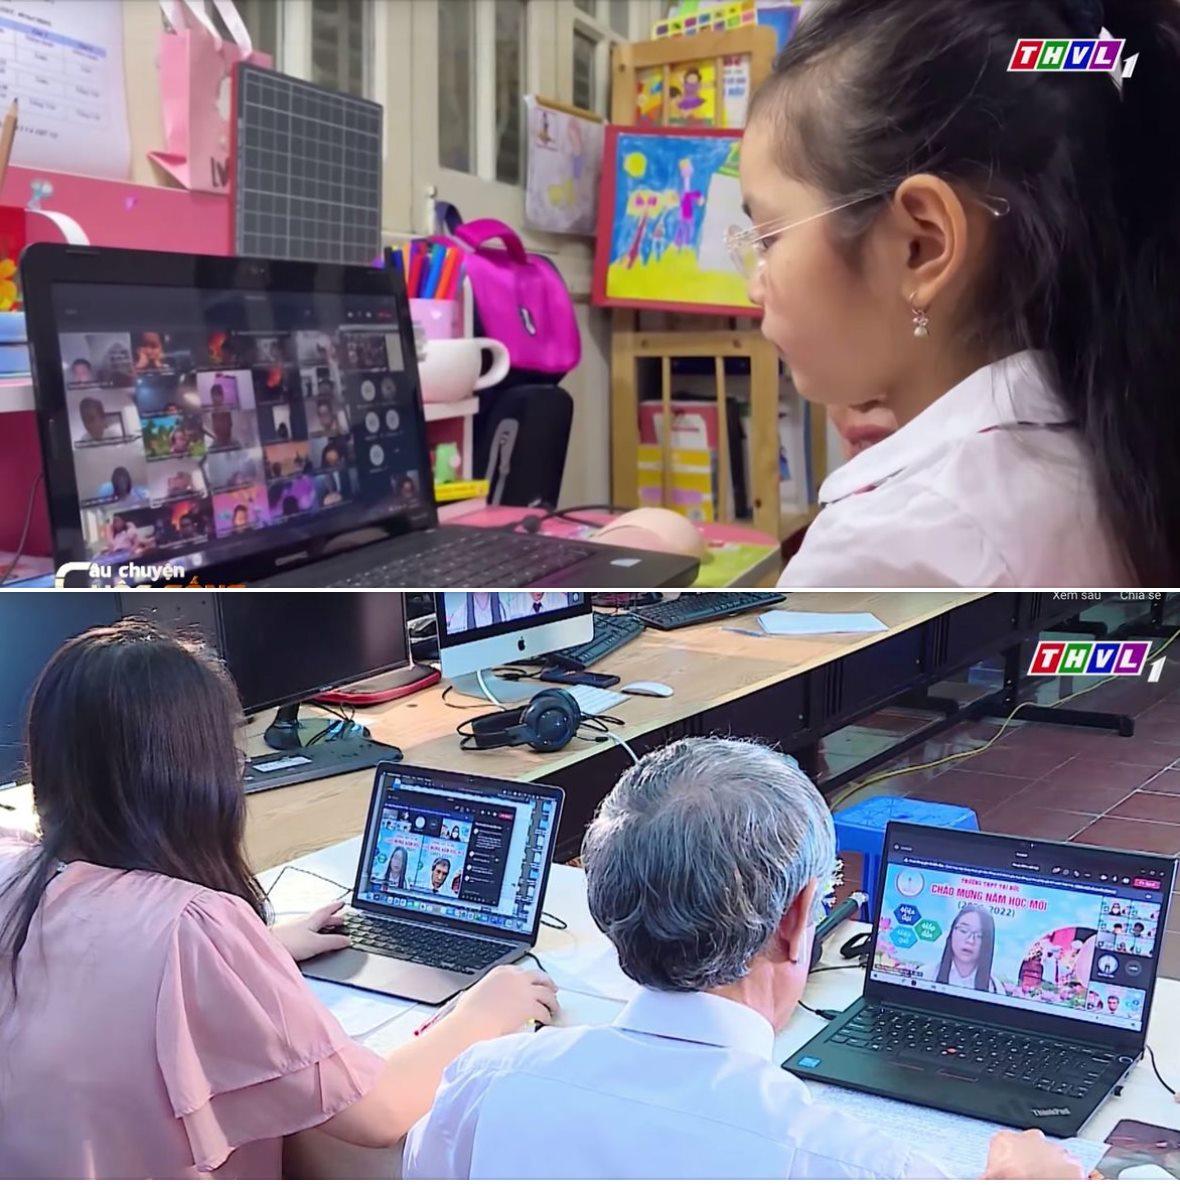 Câu Chuyện Cuộc Sống Trẻ lớp 1 học online thế nào cho hiệu quả?